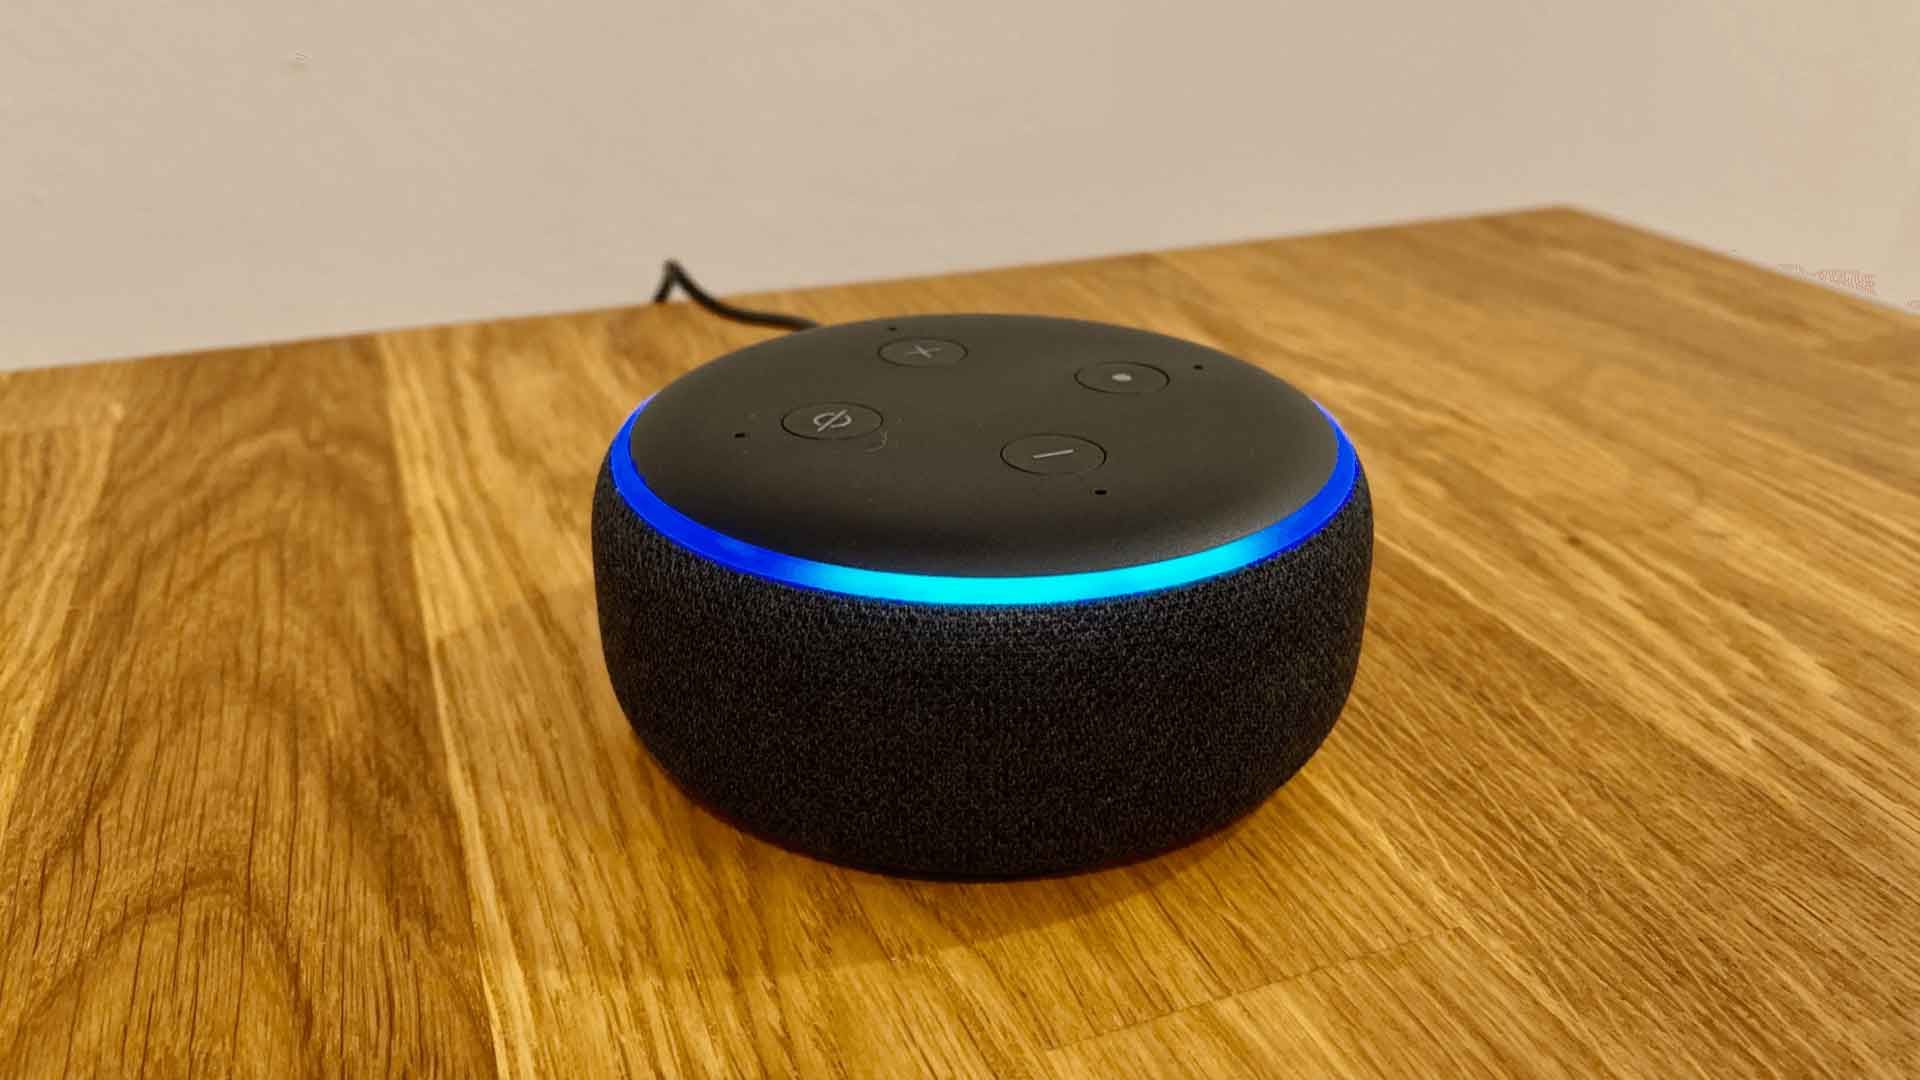 Wie funktioniert Alexa? Einrichtung, Funktionen und Befehle